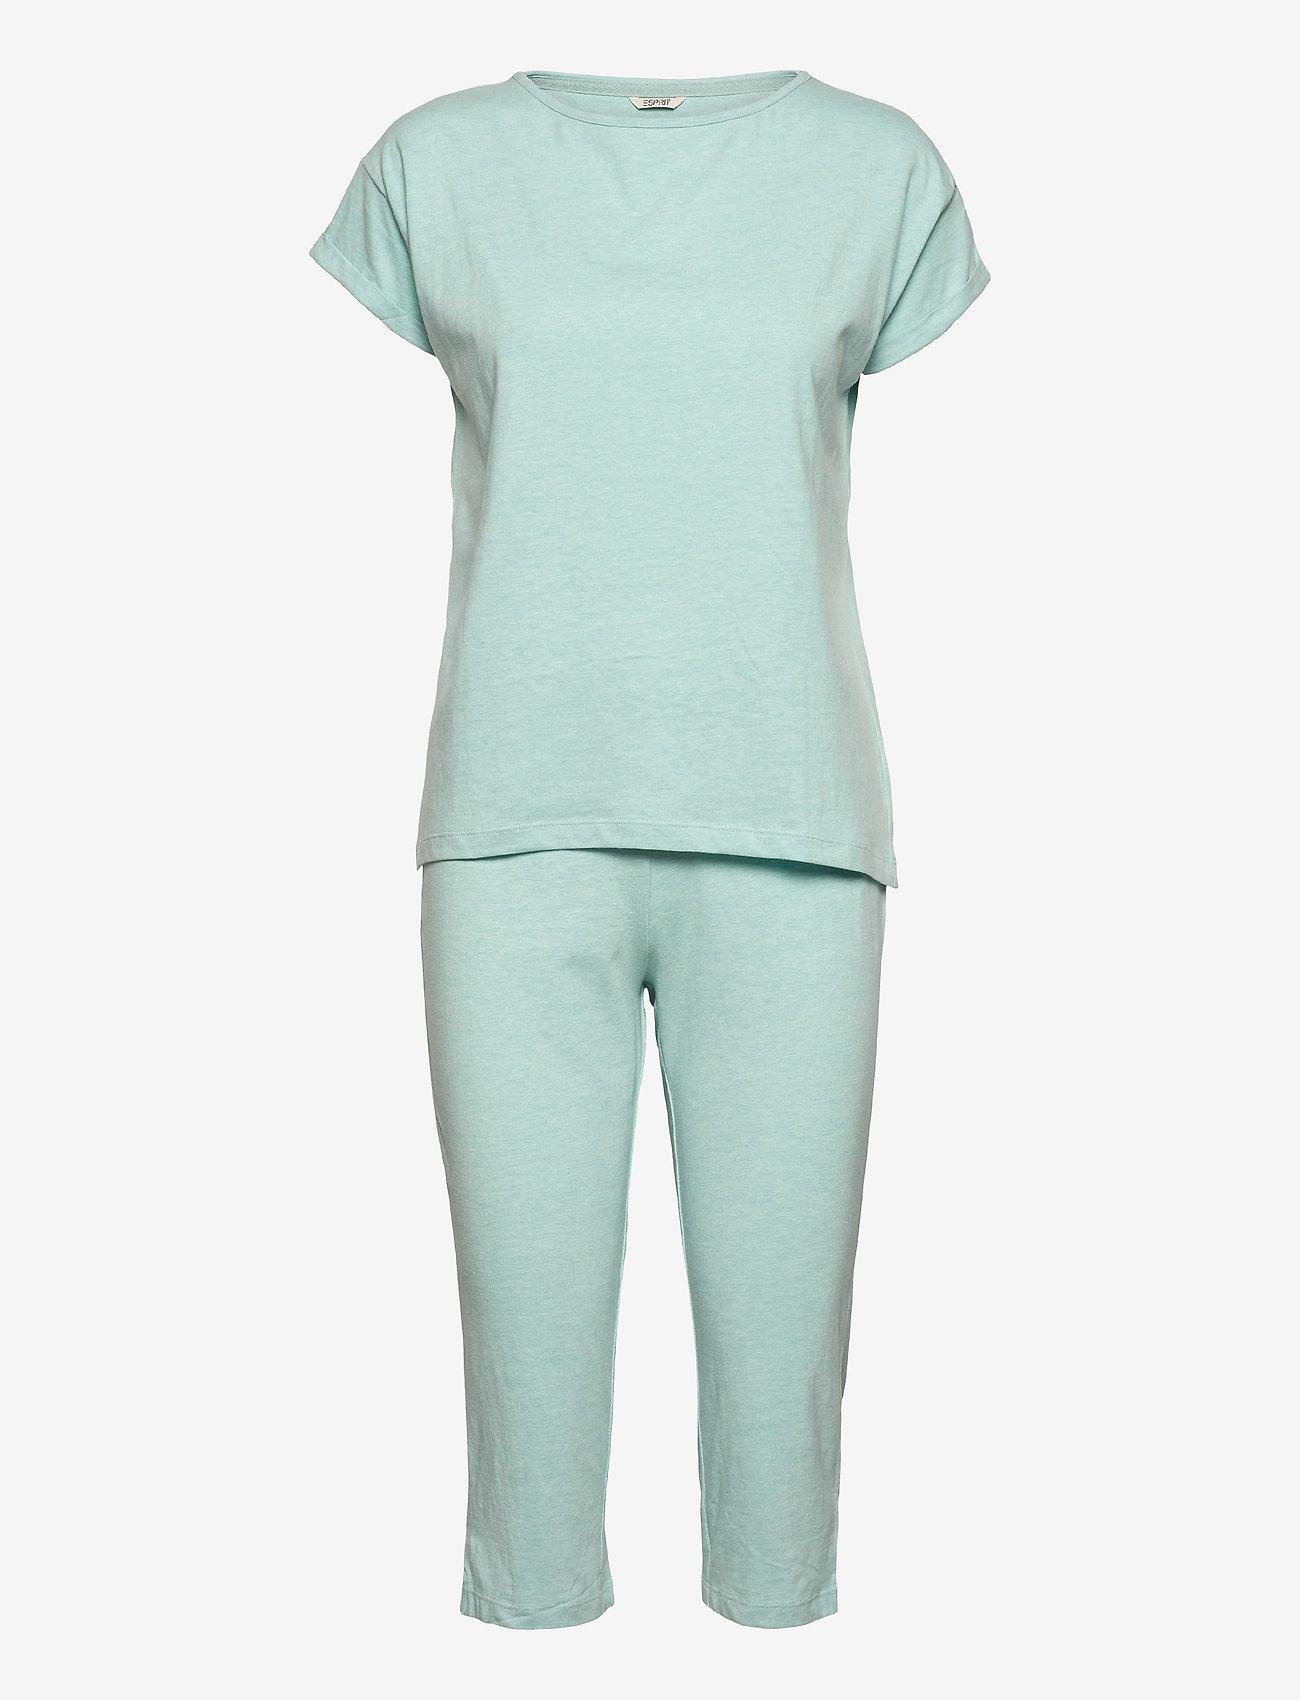 Esprit Bodywear Women - Pyjamas - pyjama''s - teal green 2 - 0